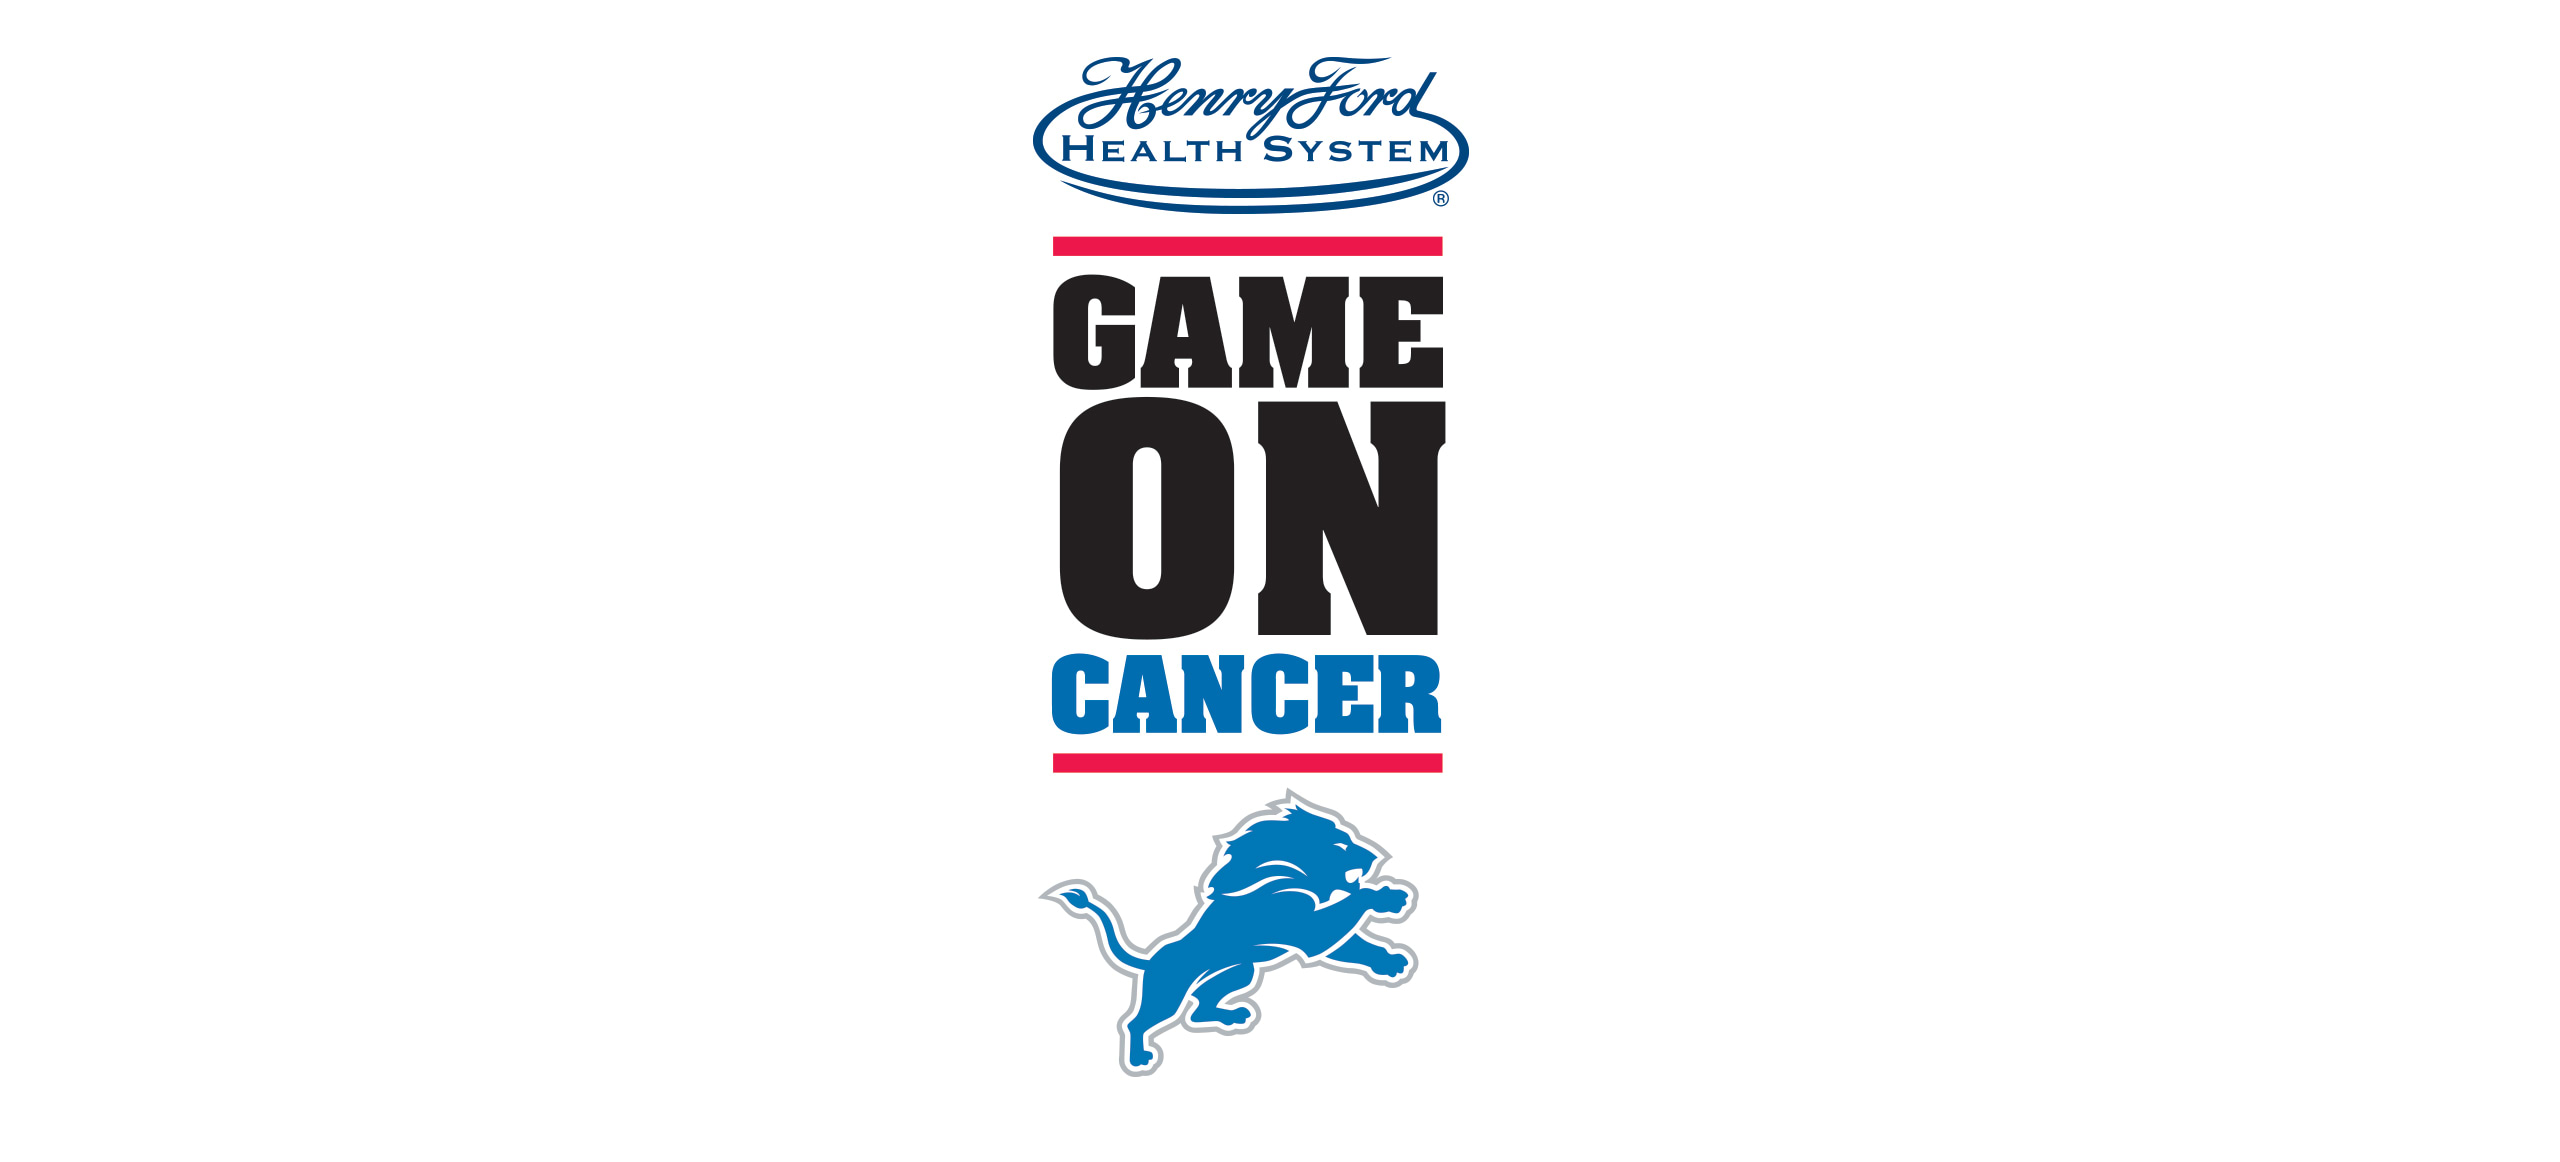 Detroit Lions Gameday - 50-50 Raffle | Detroit Lions - DetroitLions com